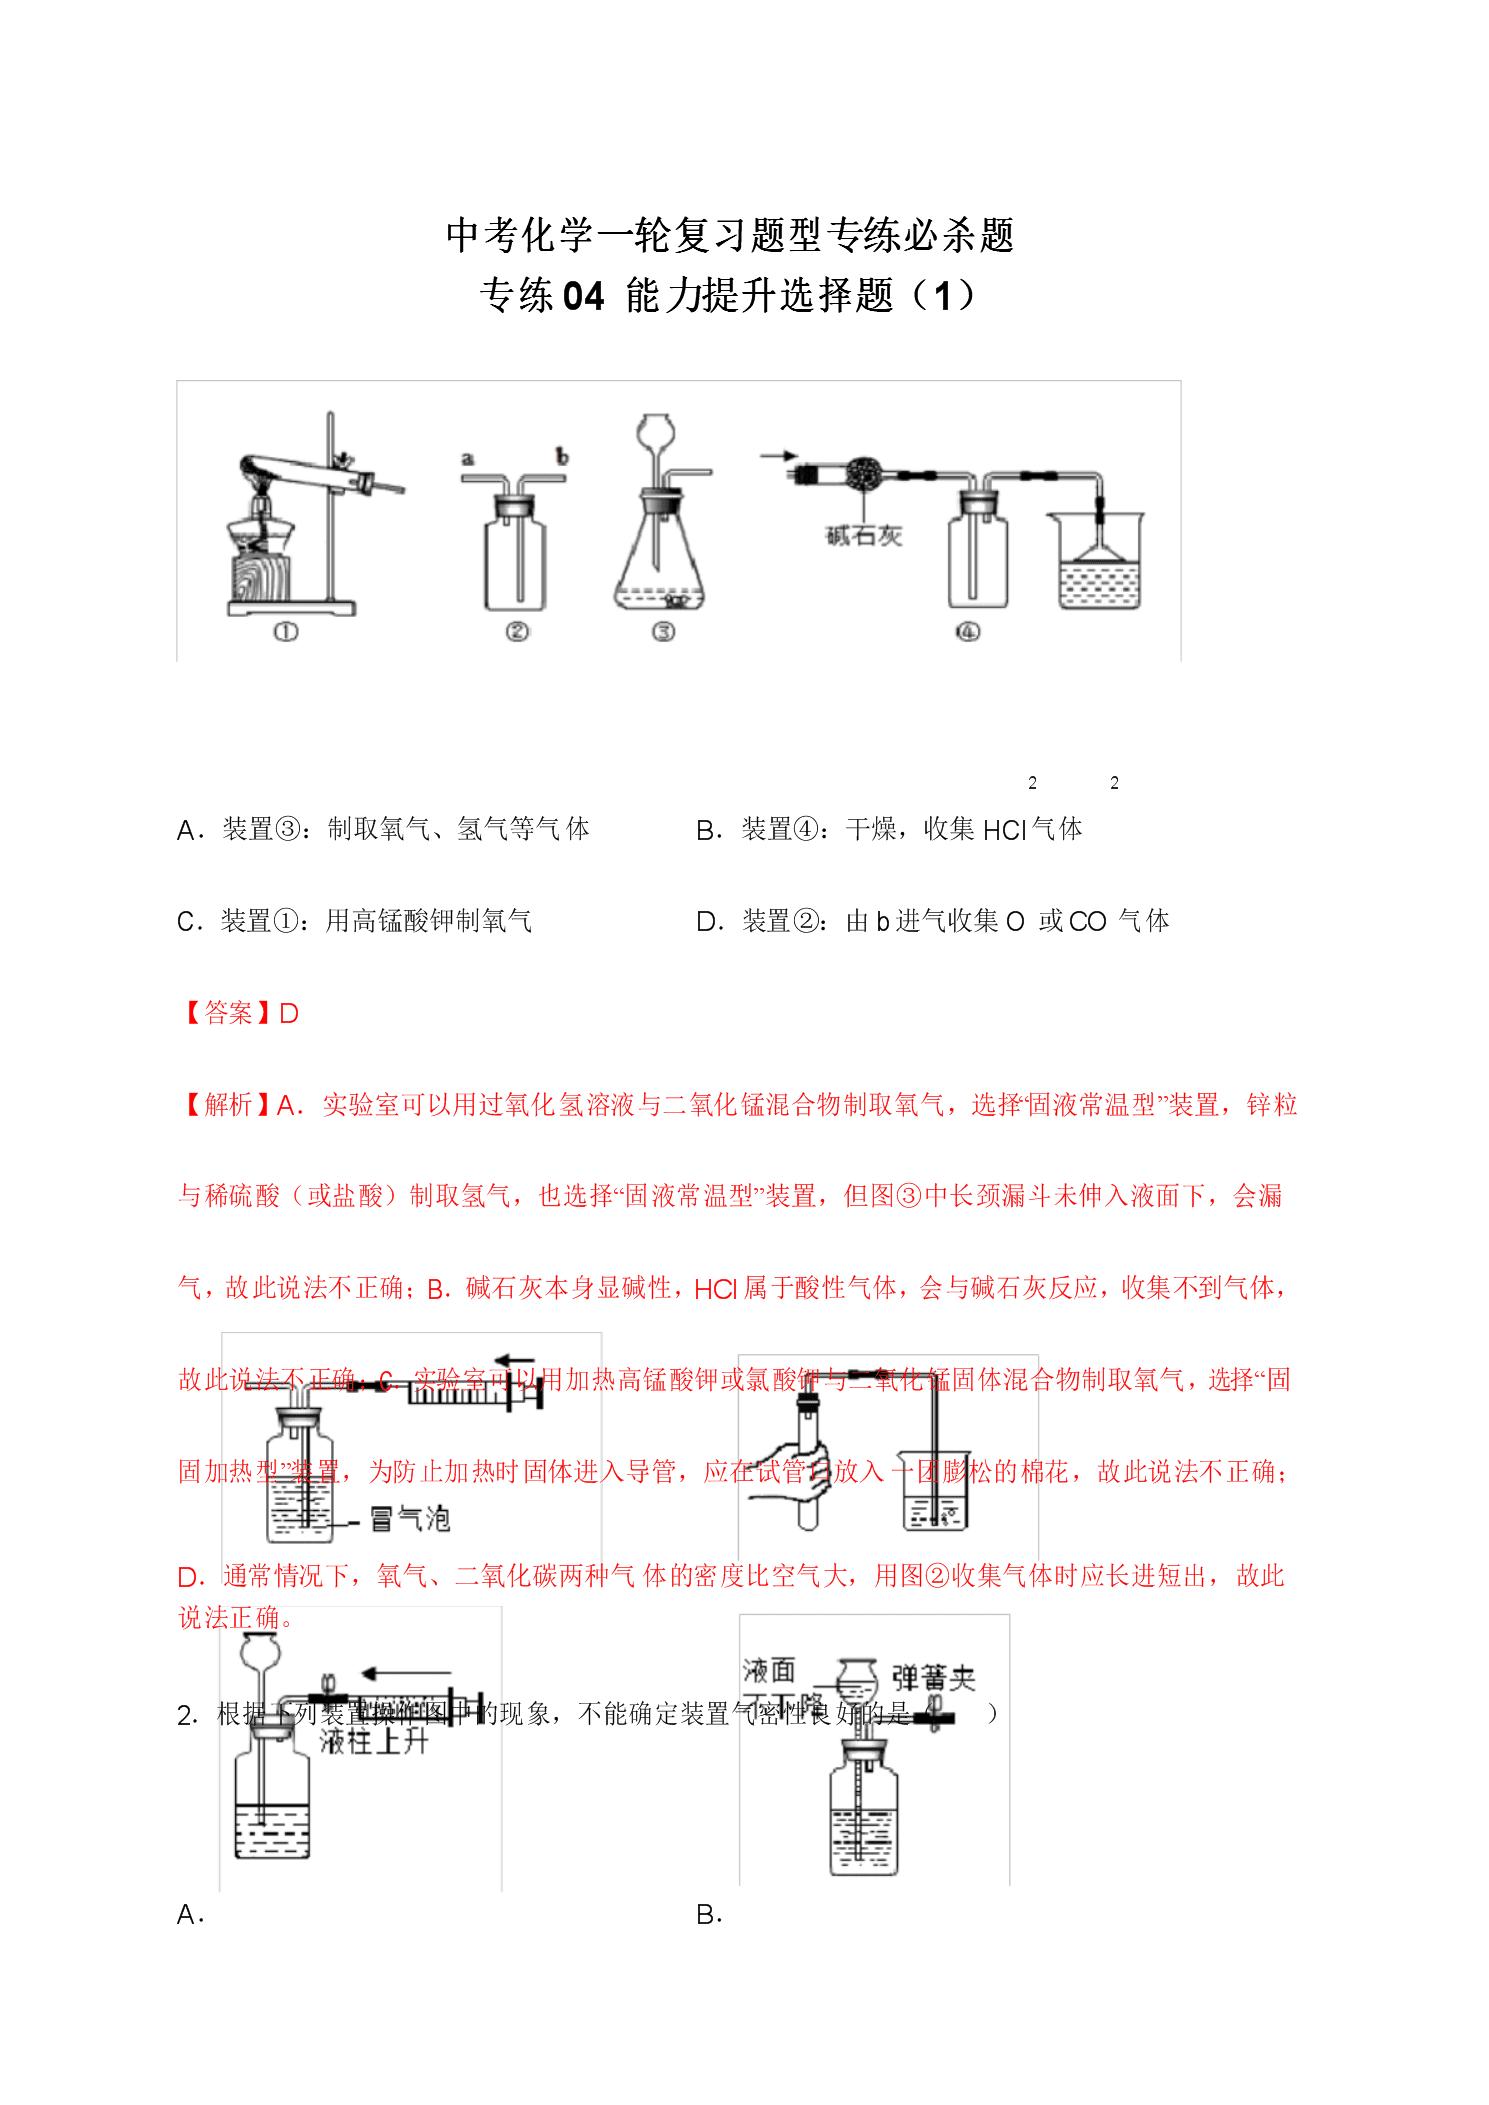 专练04  能力提升选择题(1)-2020年中考化学一轮复习题型专练必杀题(解析版).docx